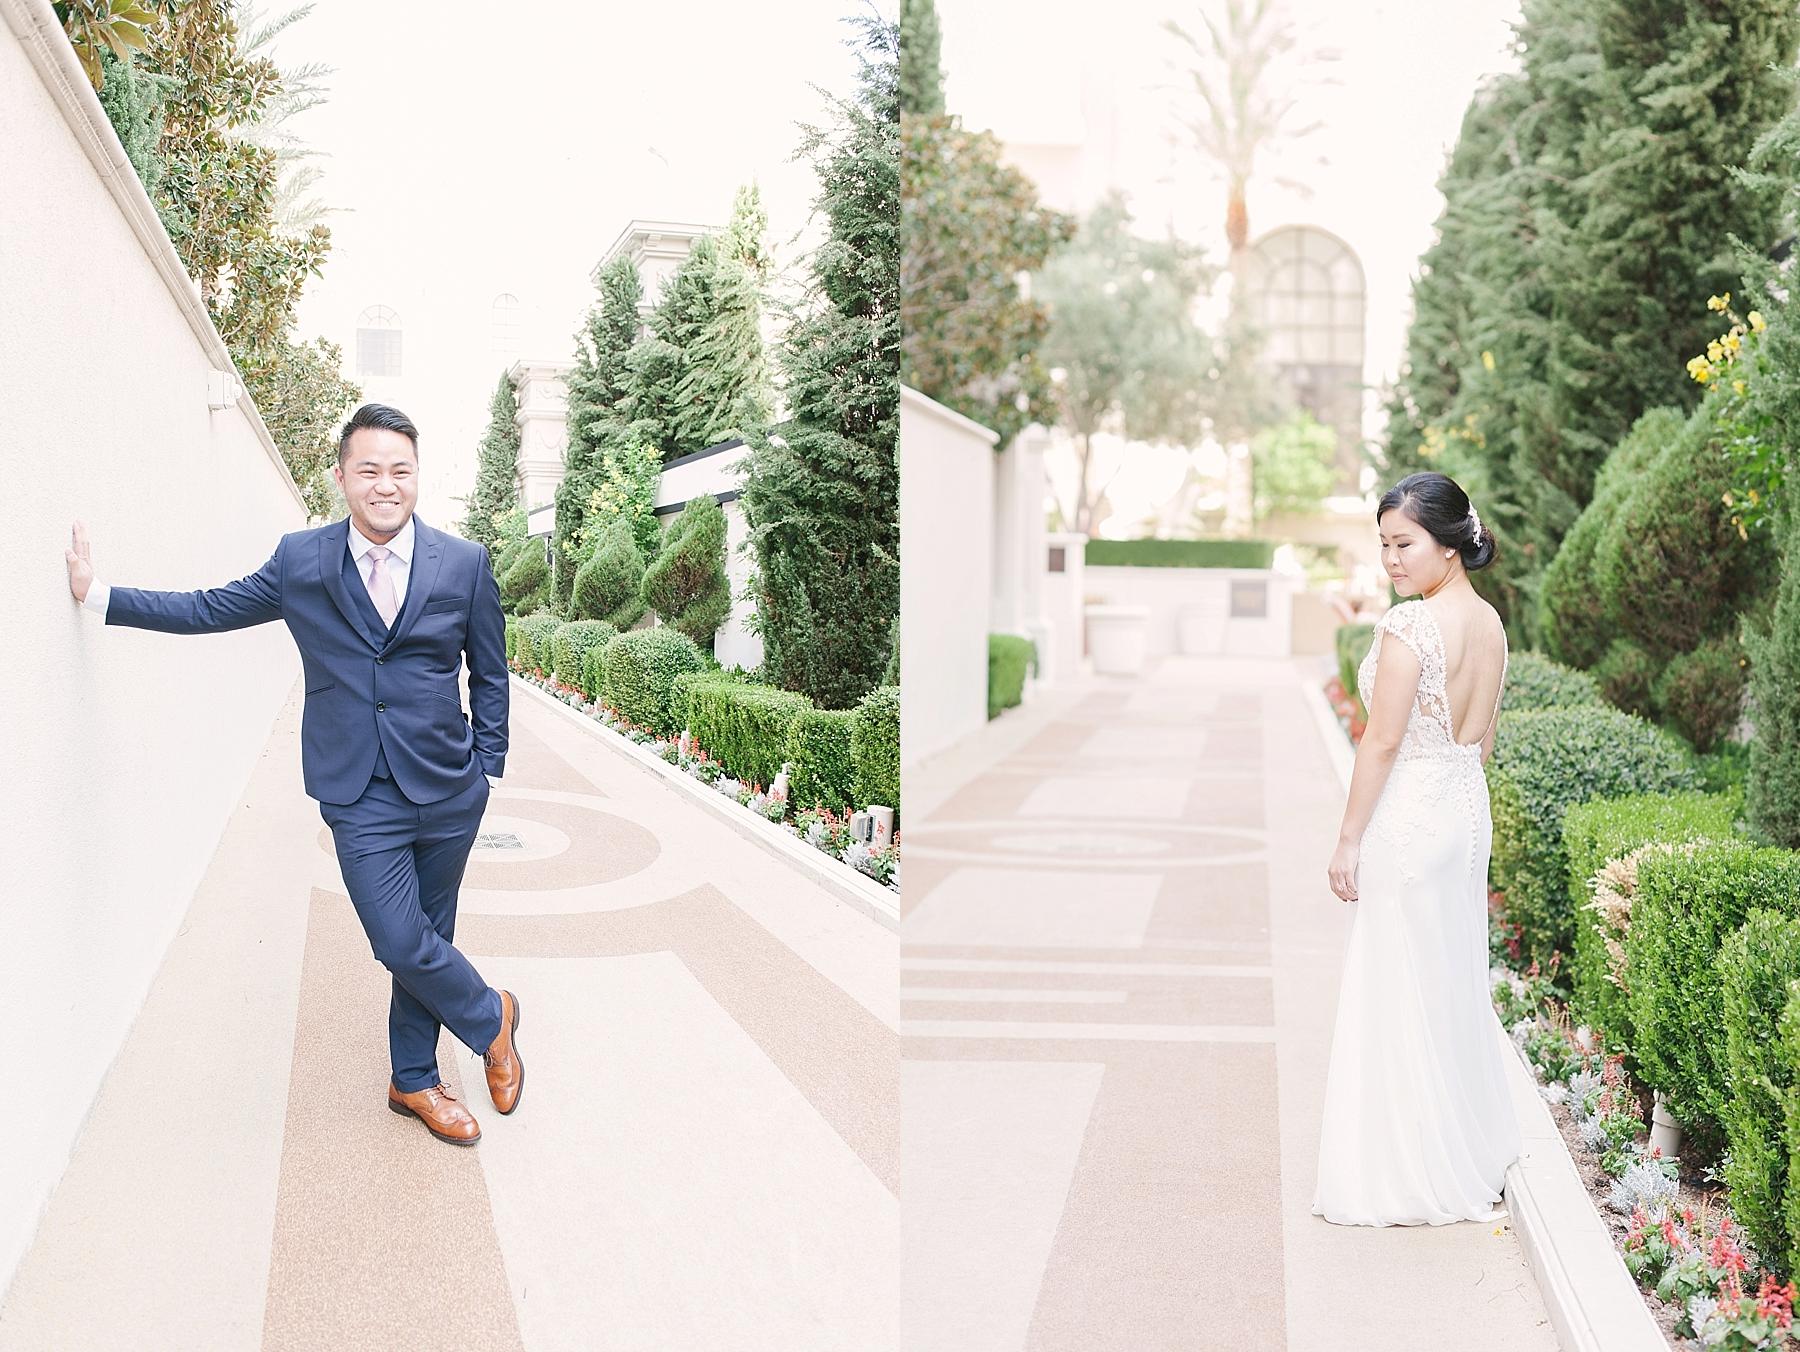 caesars_palace_wedding_las_vegas-21.jpg